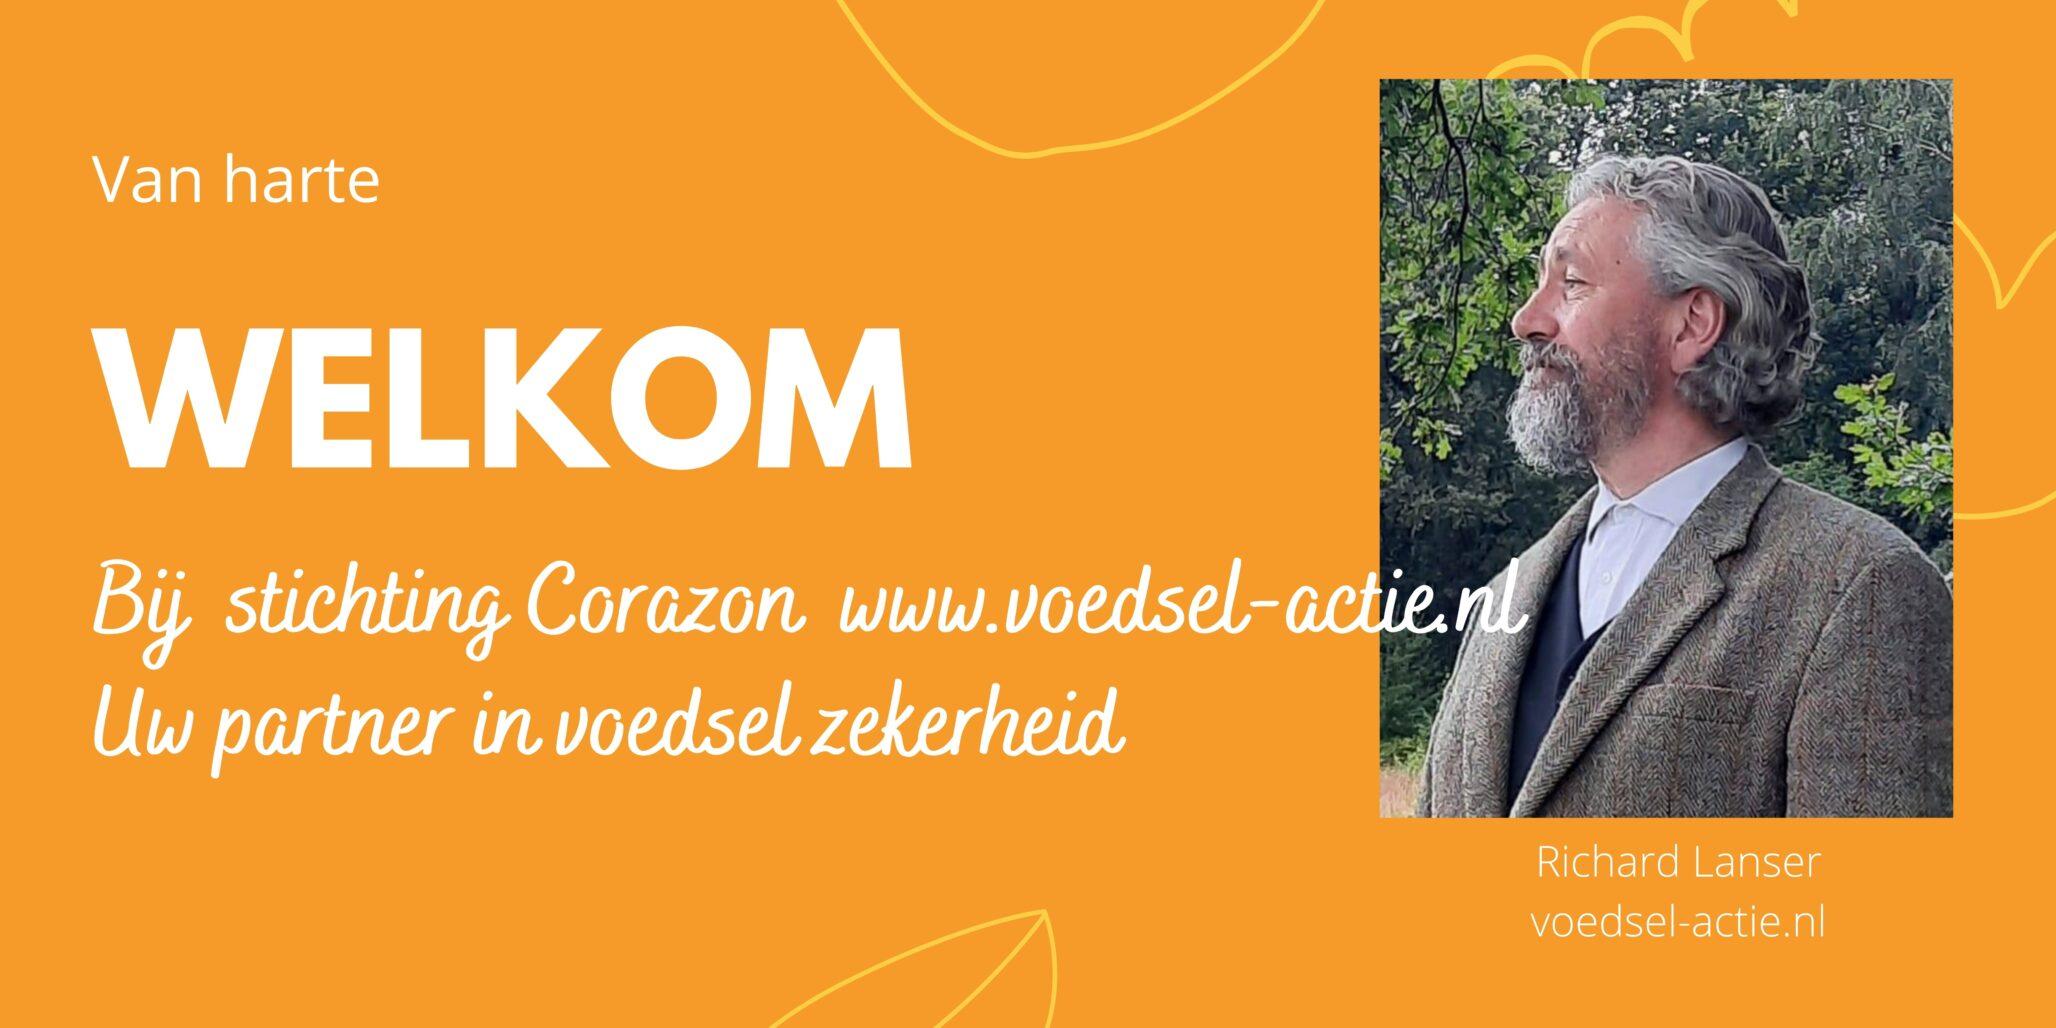 Nieuwe voedsel-actie.nl website aanzet Corazon om mee te helpen voedselsysteem te transformeren